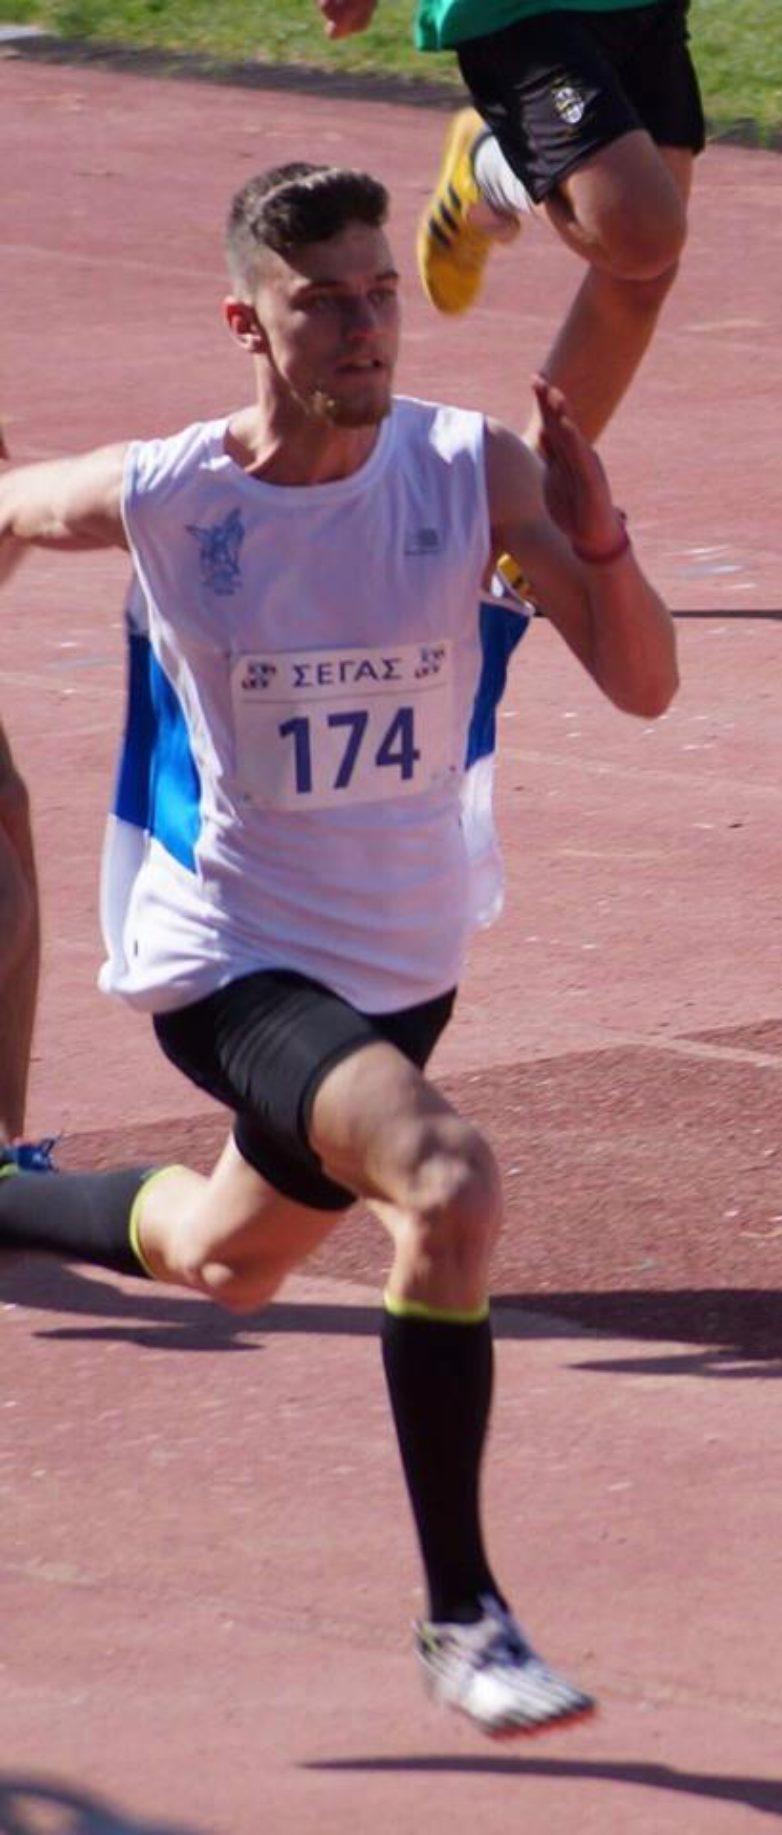 Στην Παγκόσμια Γυμνασιάδα στο Μαρόκο ο Χρήστος Γκαράς